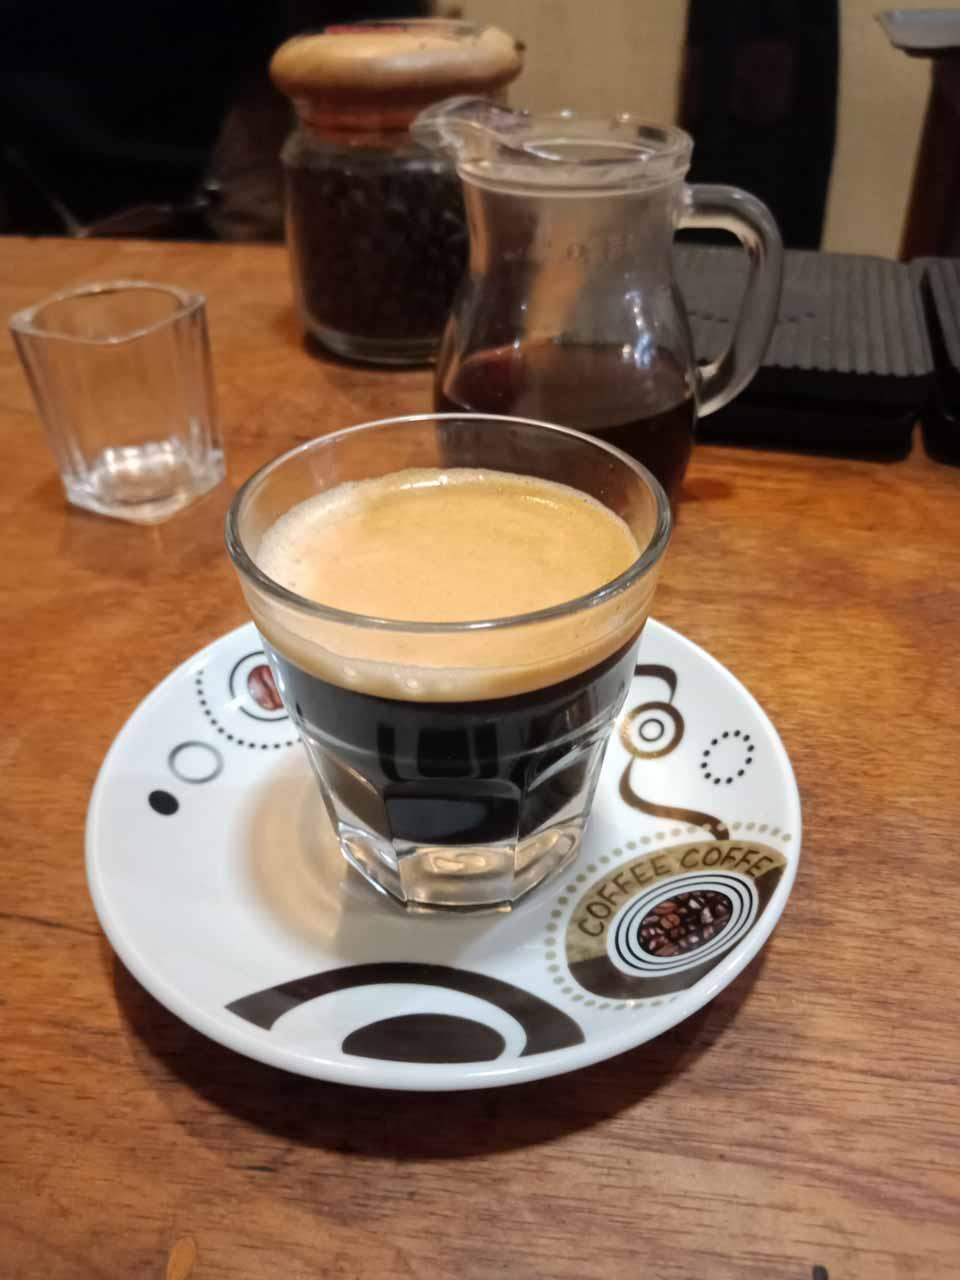 Espresso Warkop Waw - Bandar Lampung - kelilinglampung - Yopie Pangkey - 1